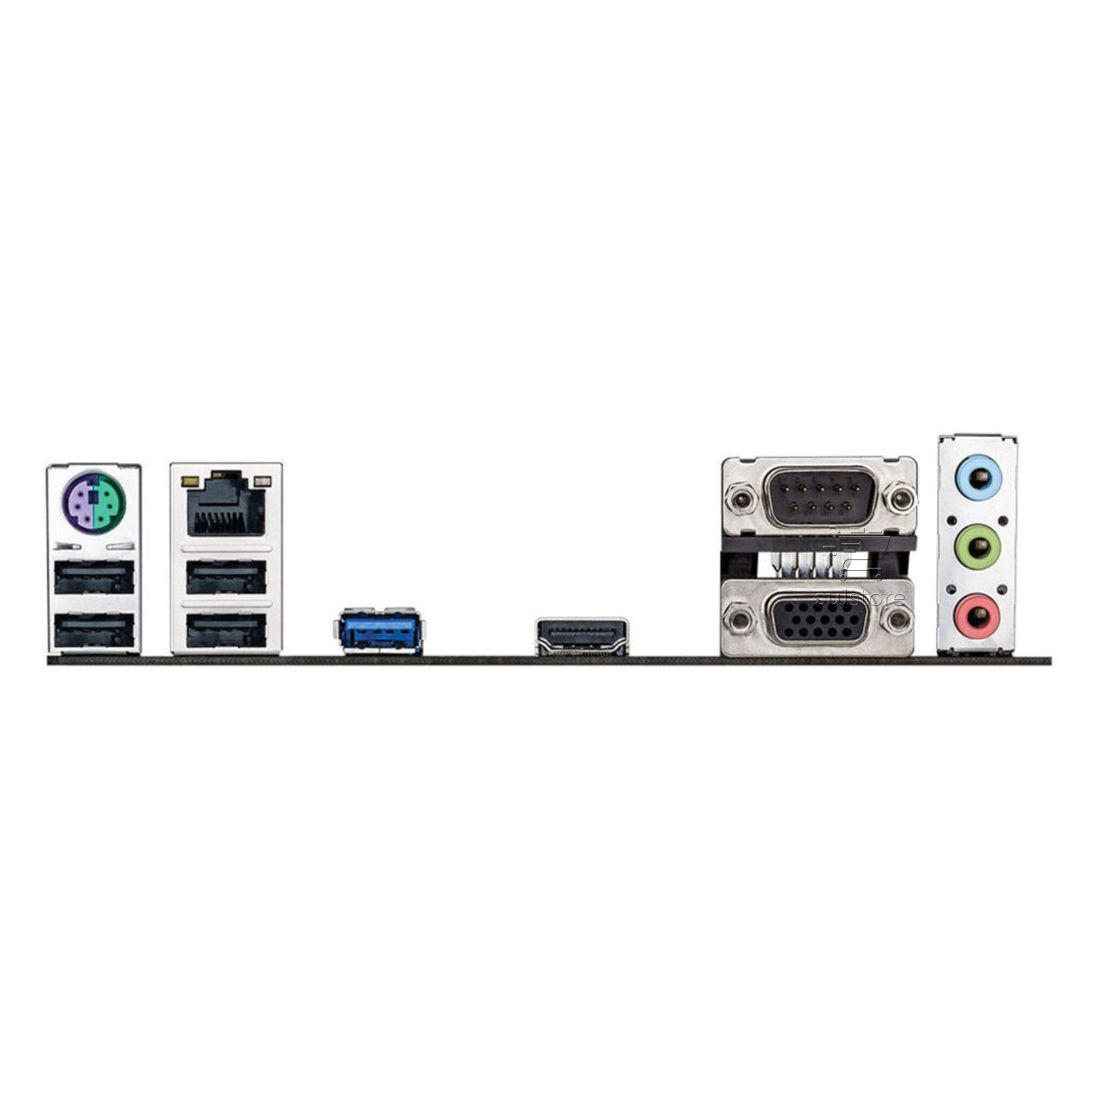 Placa mãe Asus J1800I C/BR com Processador Celeron Dual Core 90MB0150-C1BAY2